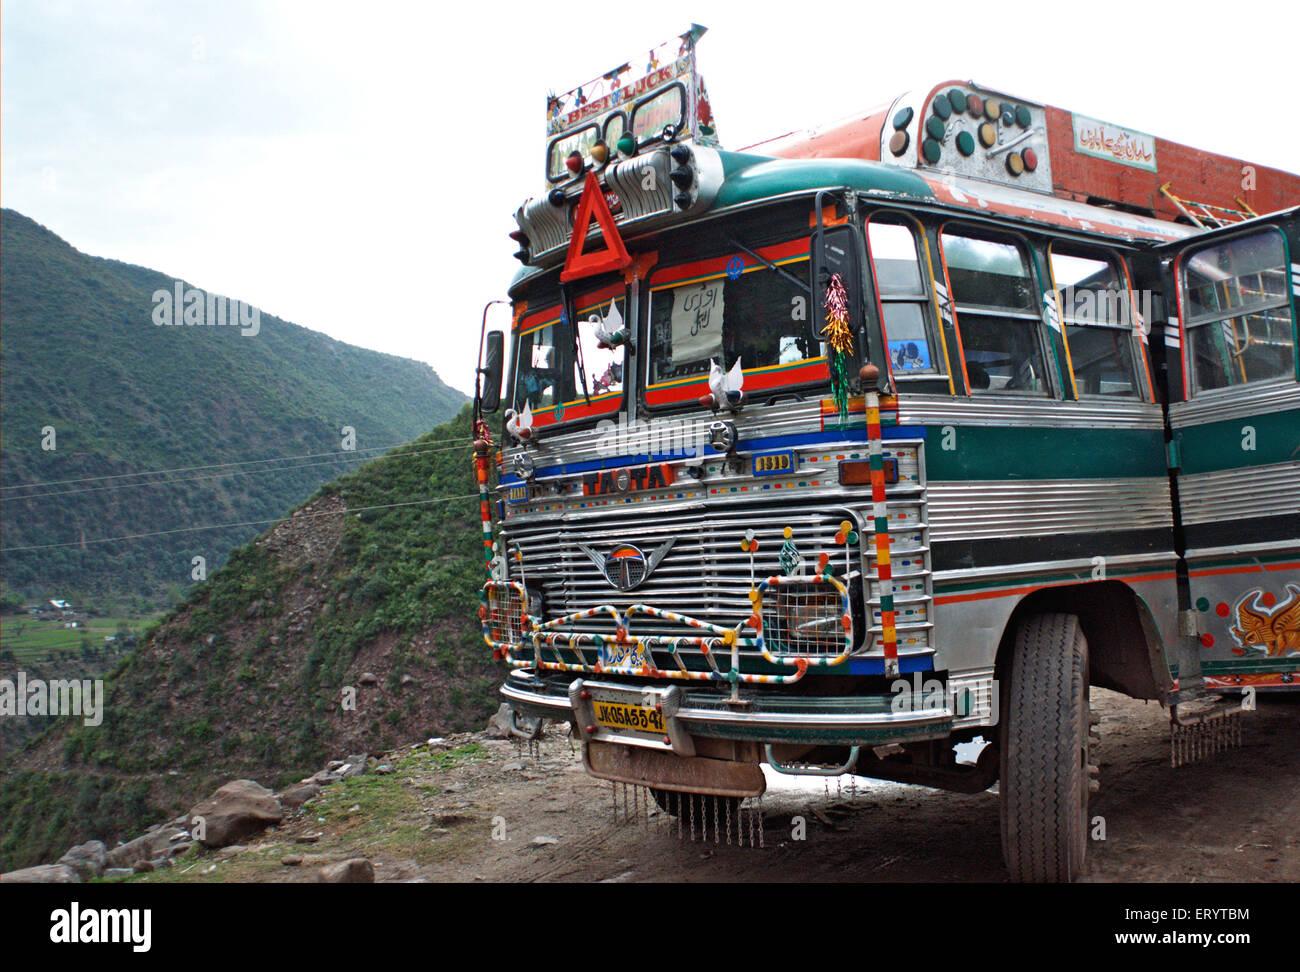 Transport de l'État; bus; Uri Jammu-et-Cachemire en Inde; PAS DE MR 7 Avril 2008 Photo Stock